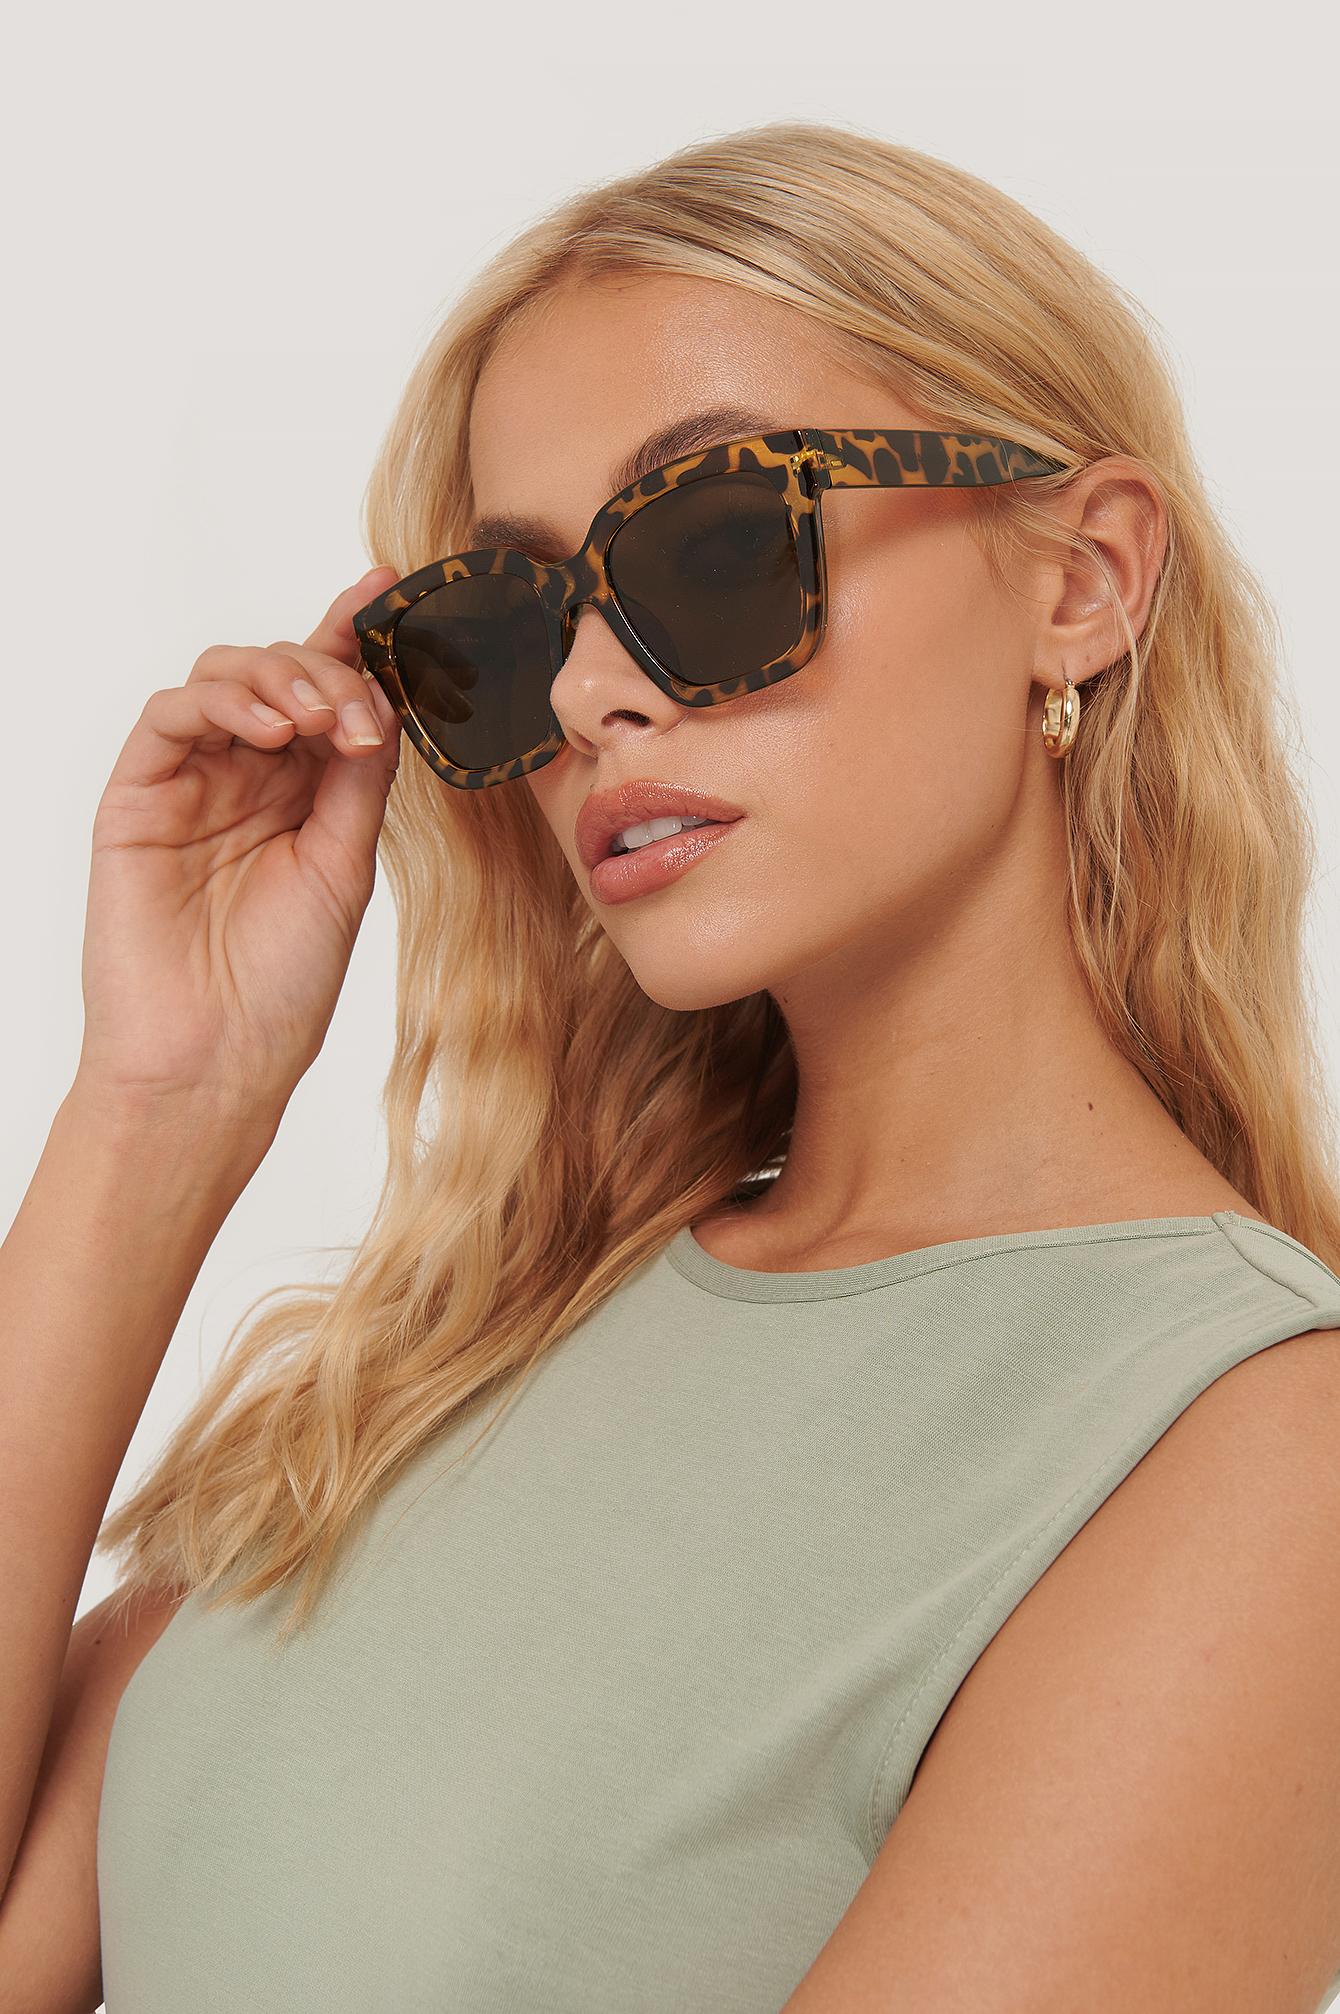 Corlin Eyewear Modena Sunglasses - Brown   Accessoires > Sonnenbrillen > Sonstige Sonnenbrillen   Corlin Eyewear